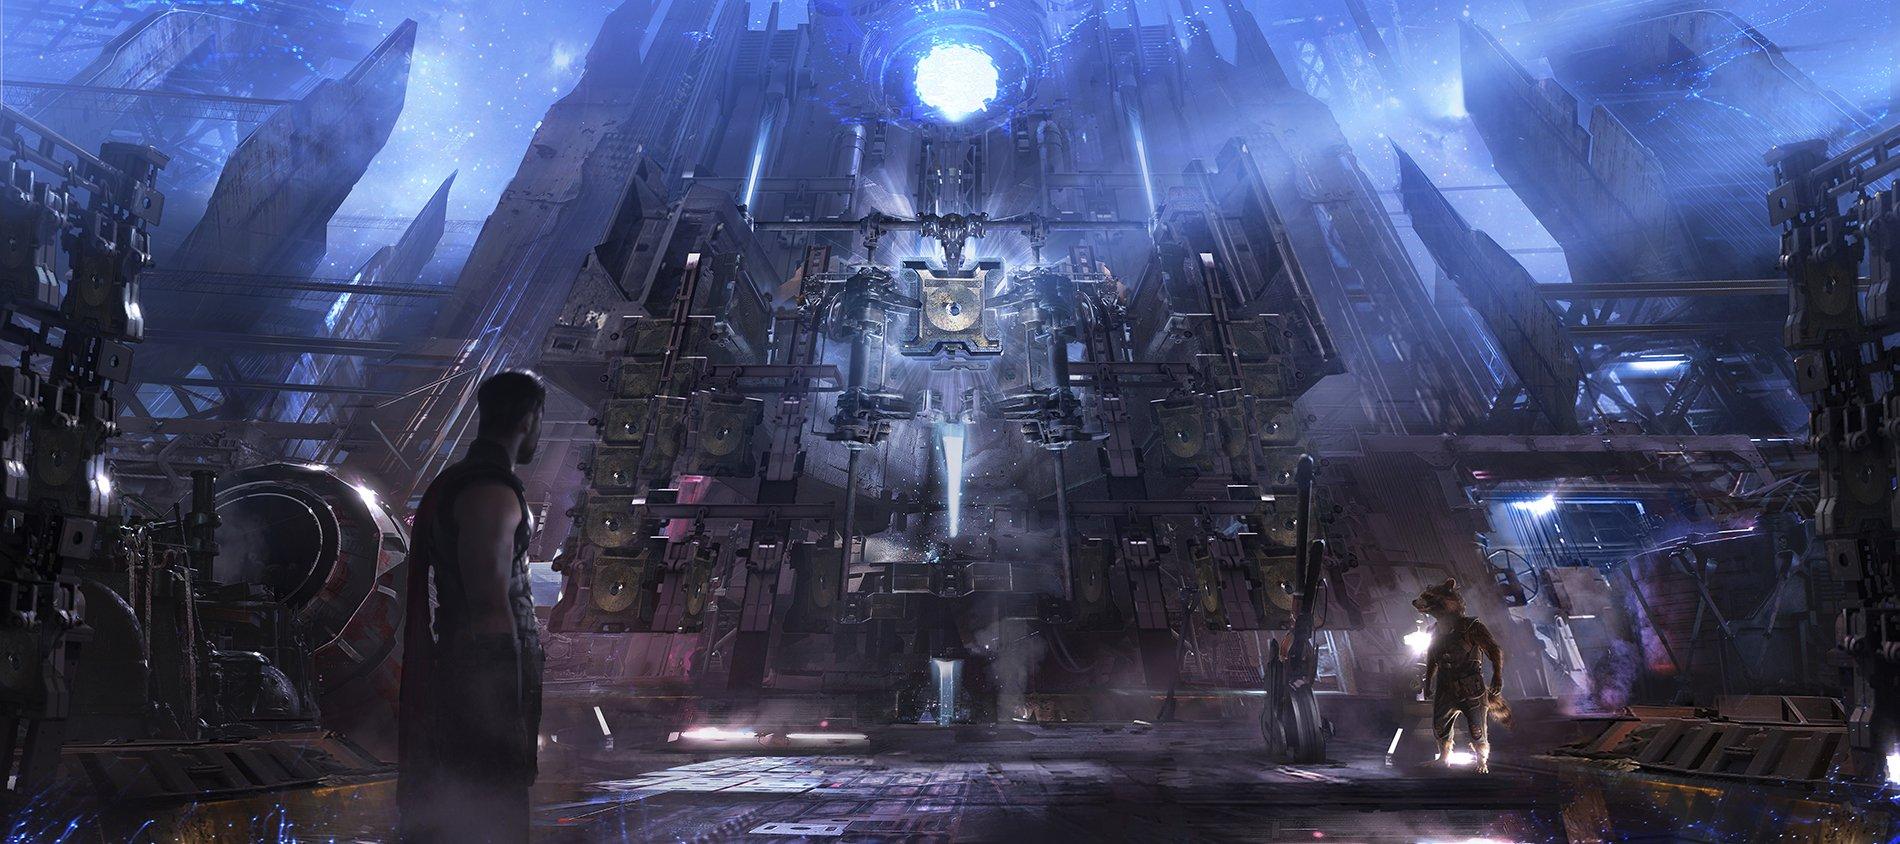 Концепт-арт Войны Бесконечности: Nidavellir furnace post-production by Pete Thompson